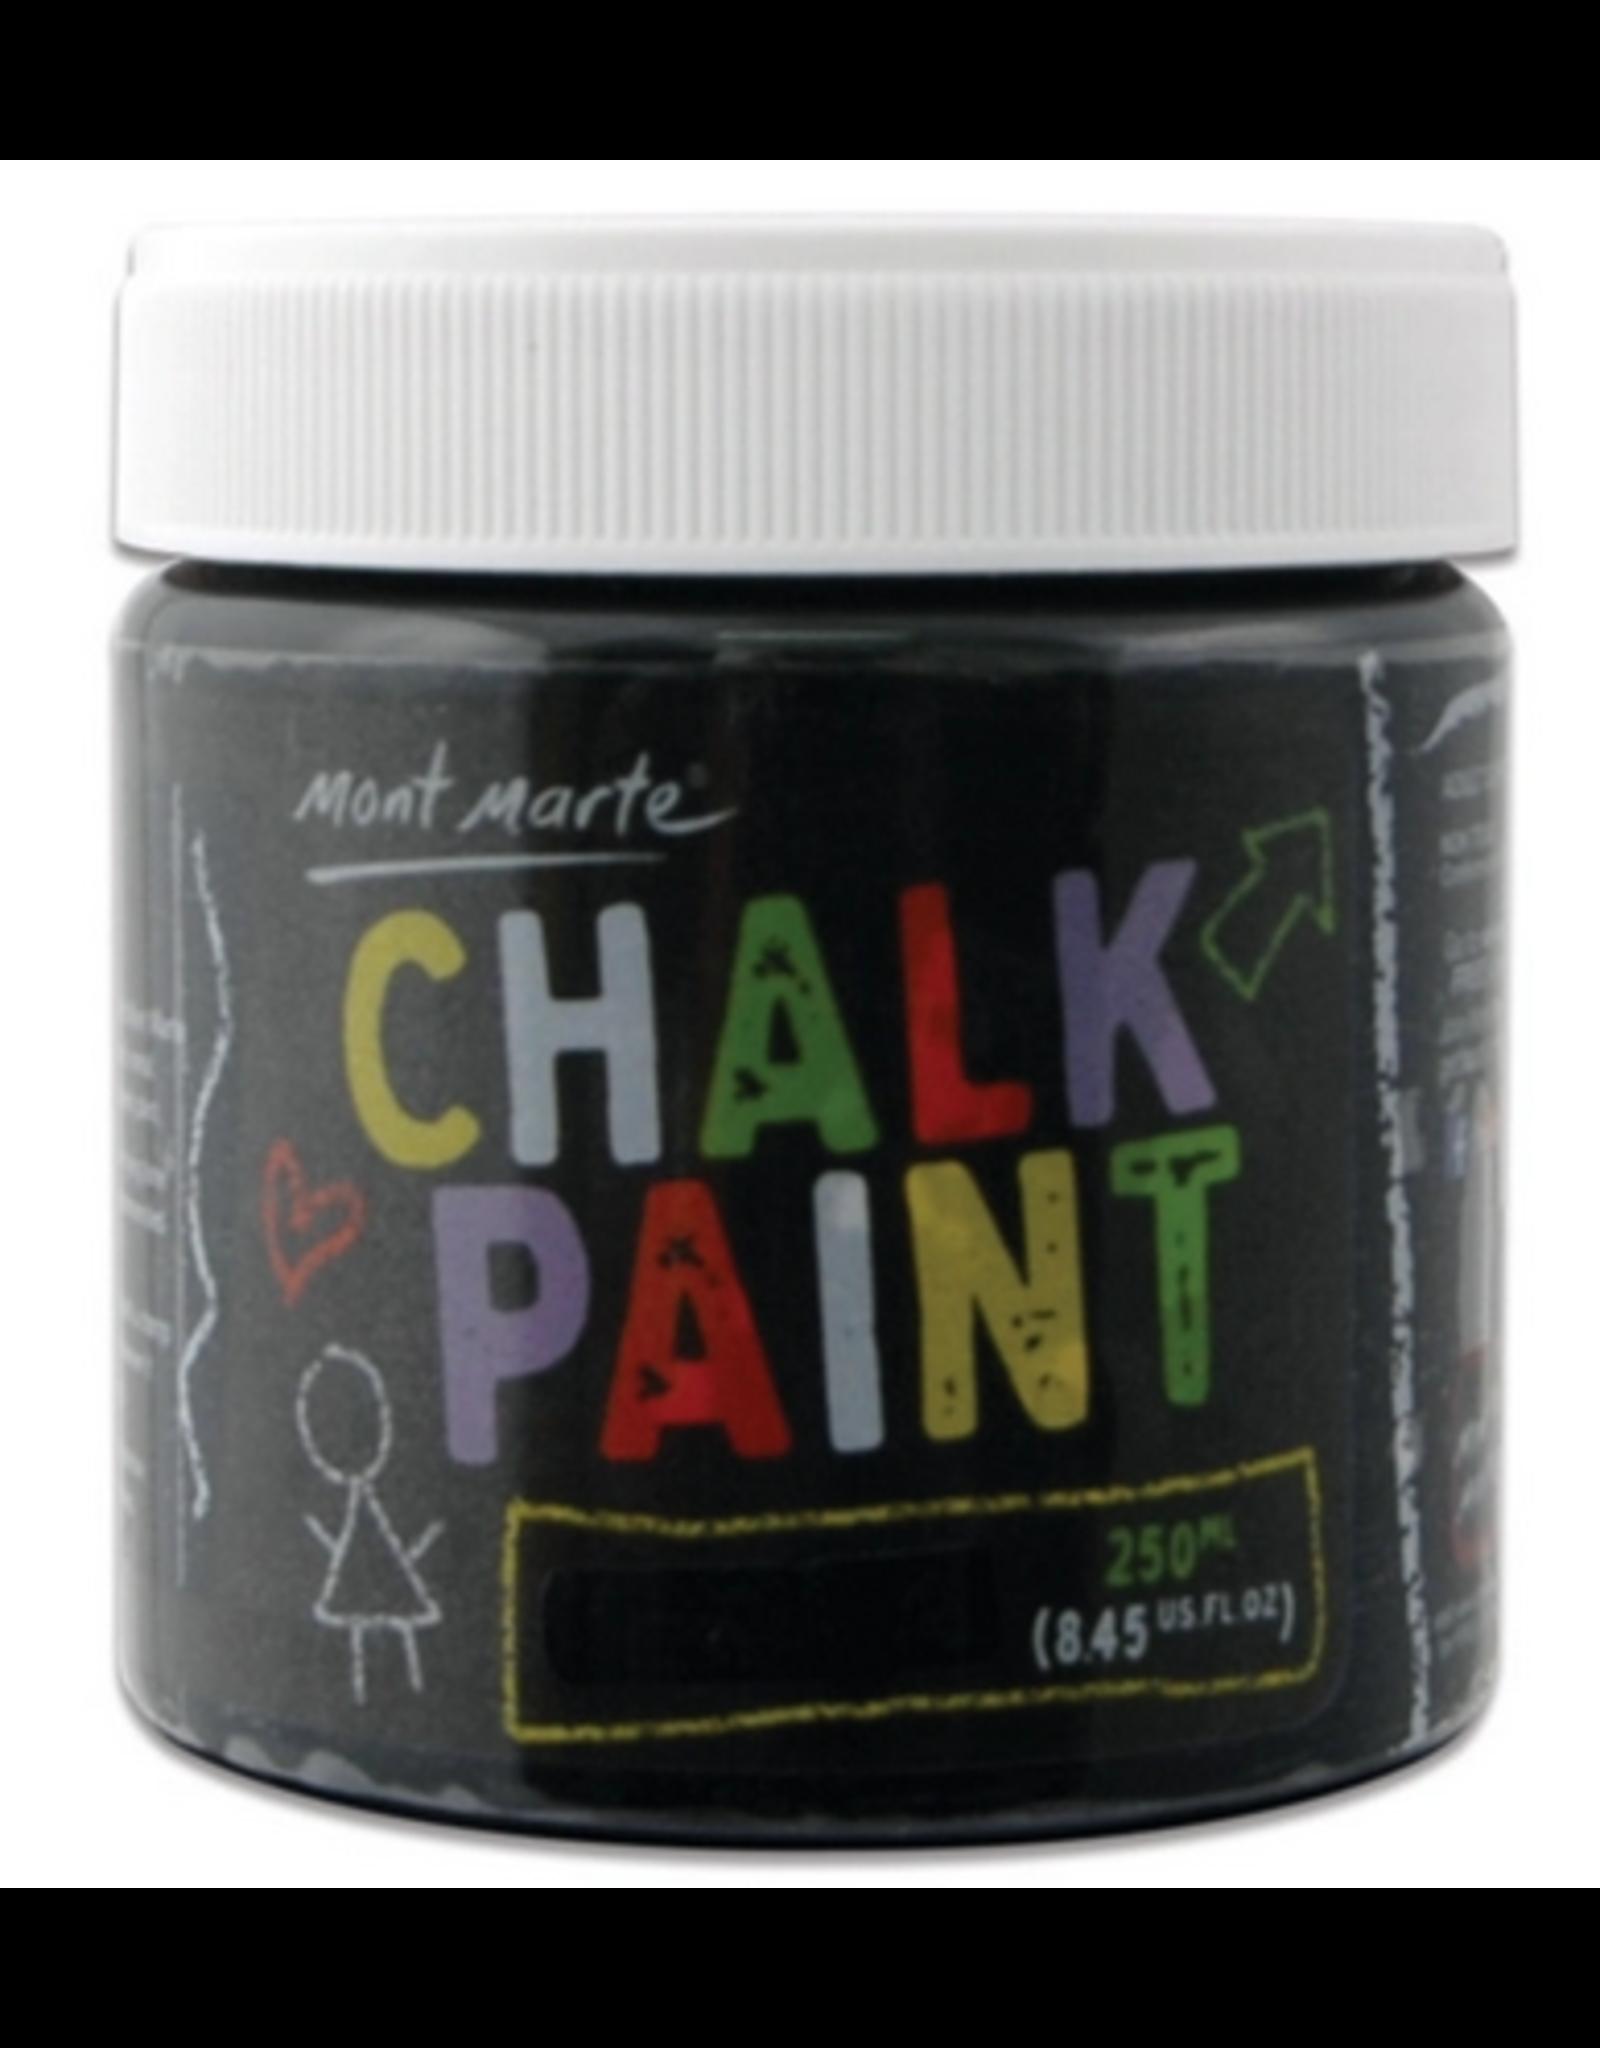 Mont Marte Mont Marte  Chalkboard Paint 250ml - Black